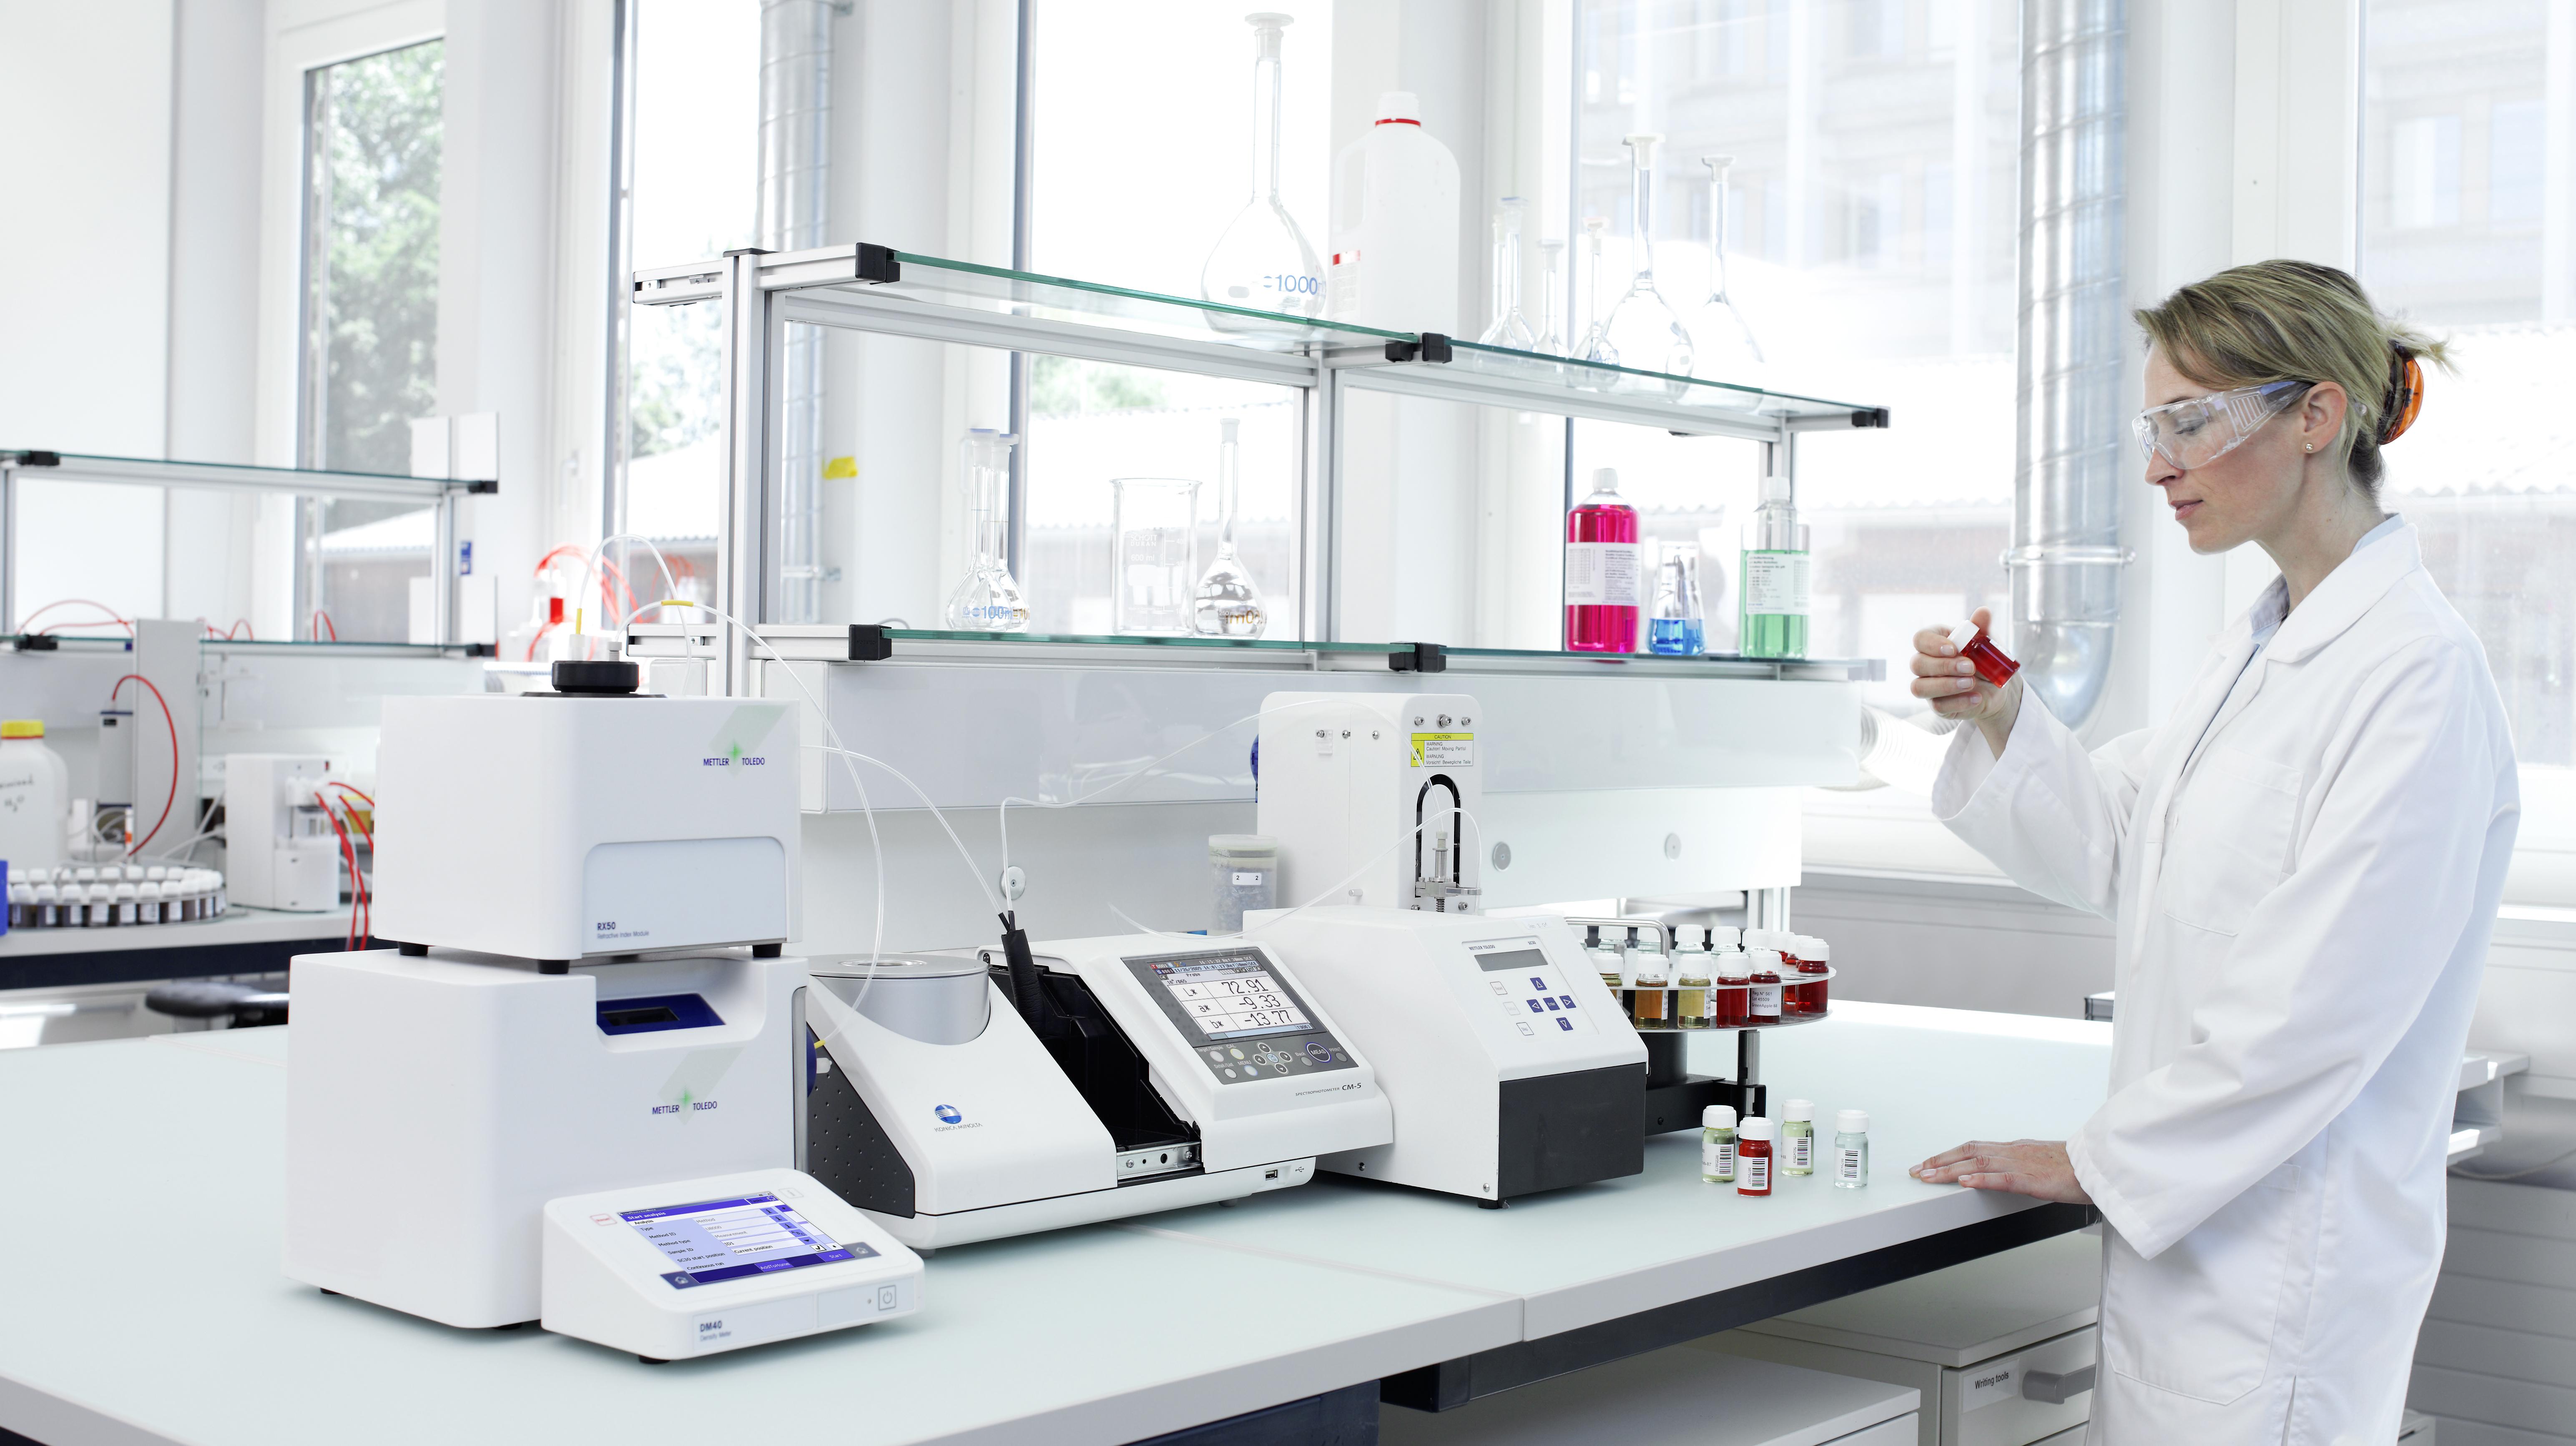 s iol laborat products - HD1200×800